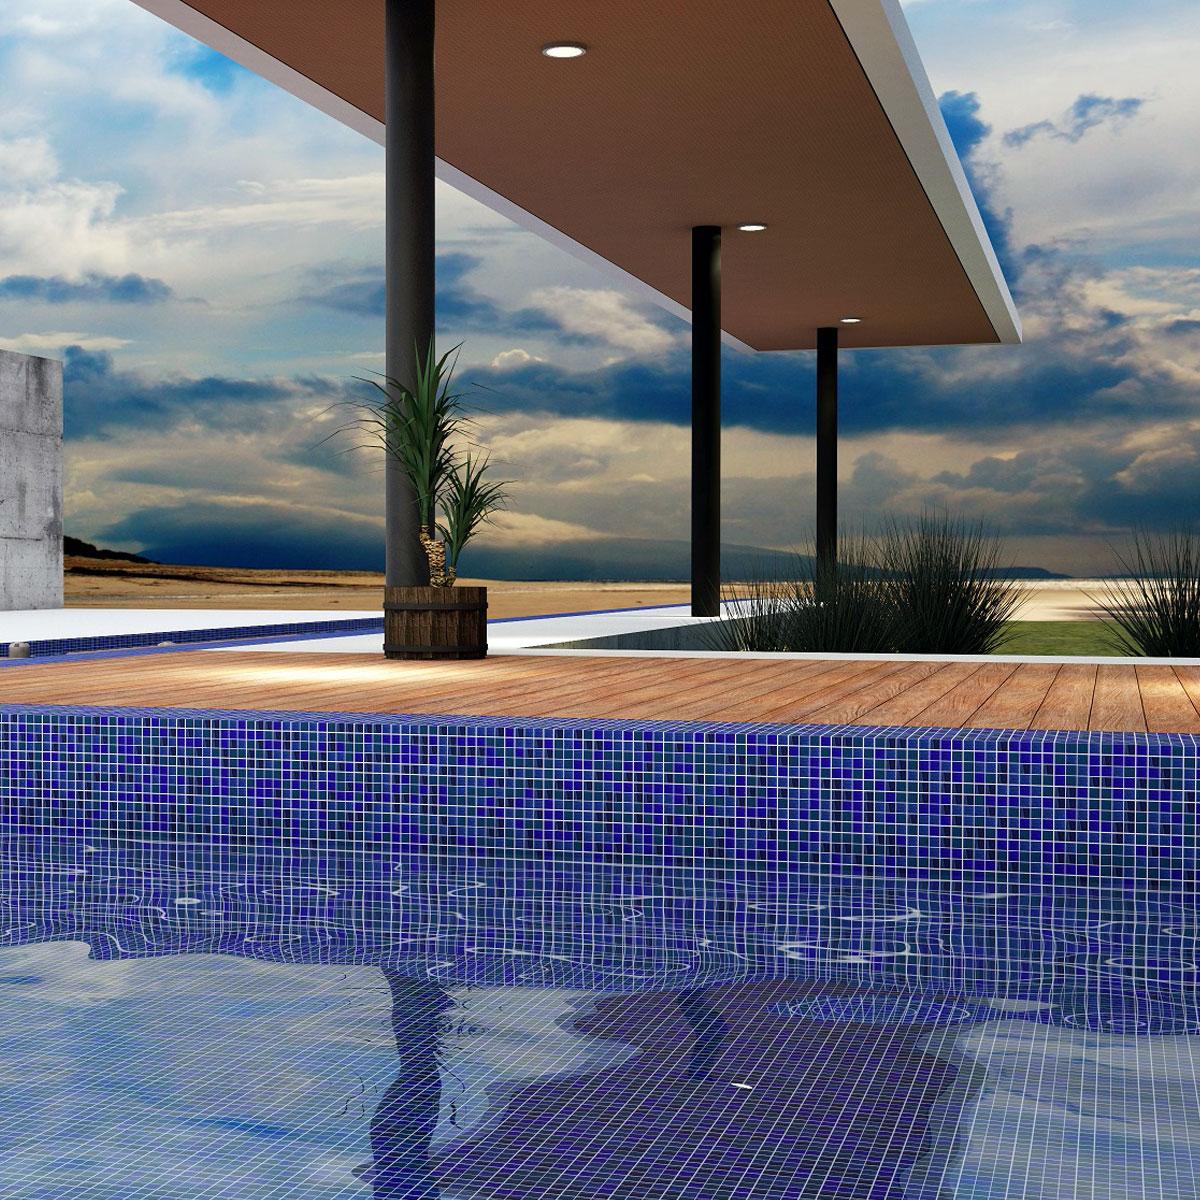 Paradise - Phuket - Pool Mosaics - Glass Tiles - Stone3 Brisbane